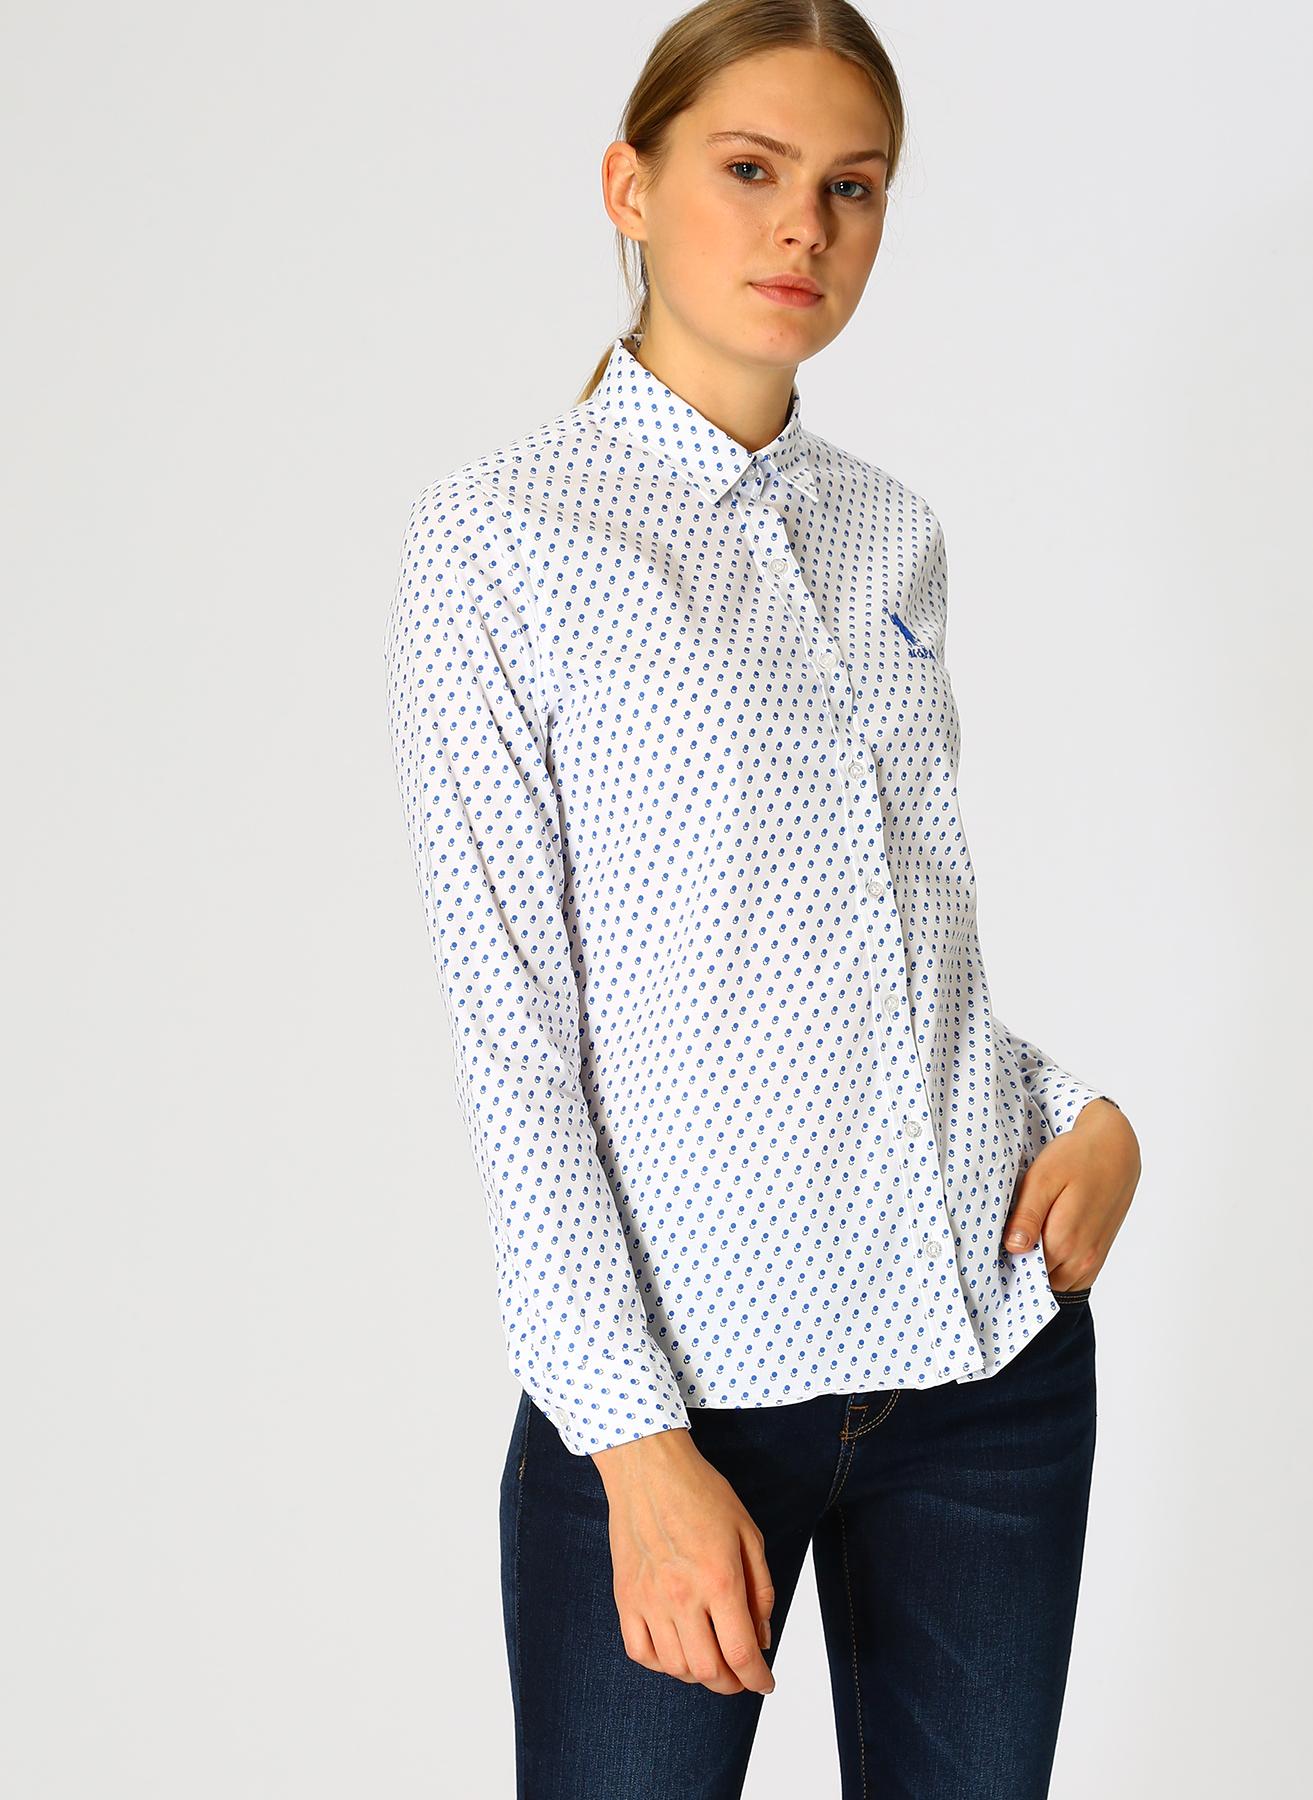 U.S. Polo Assn. Beyaz Gömlek 44 5001733225007 Ürün Resmi